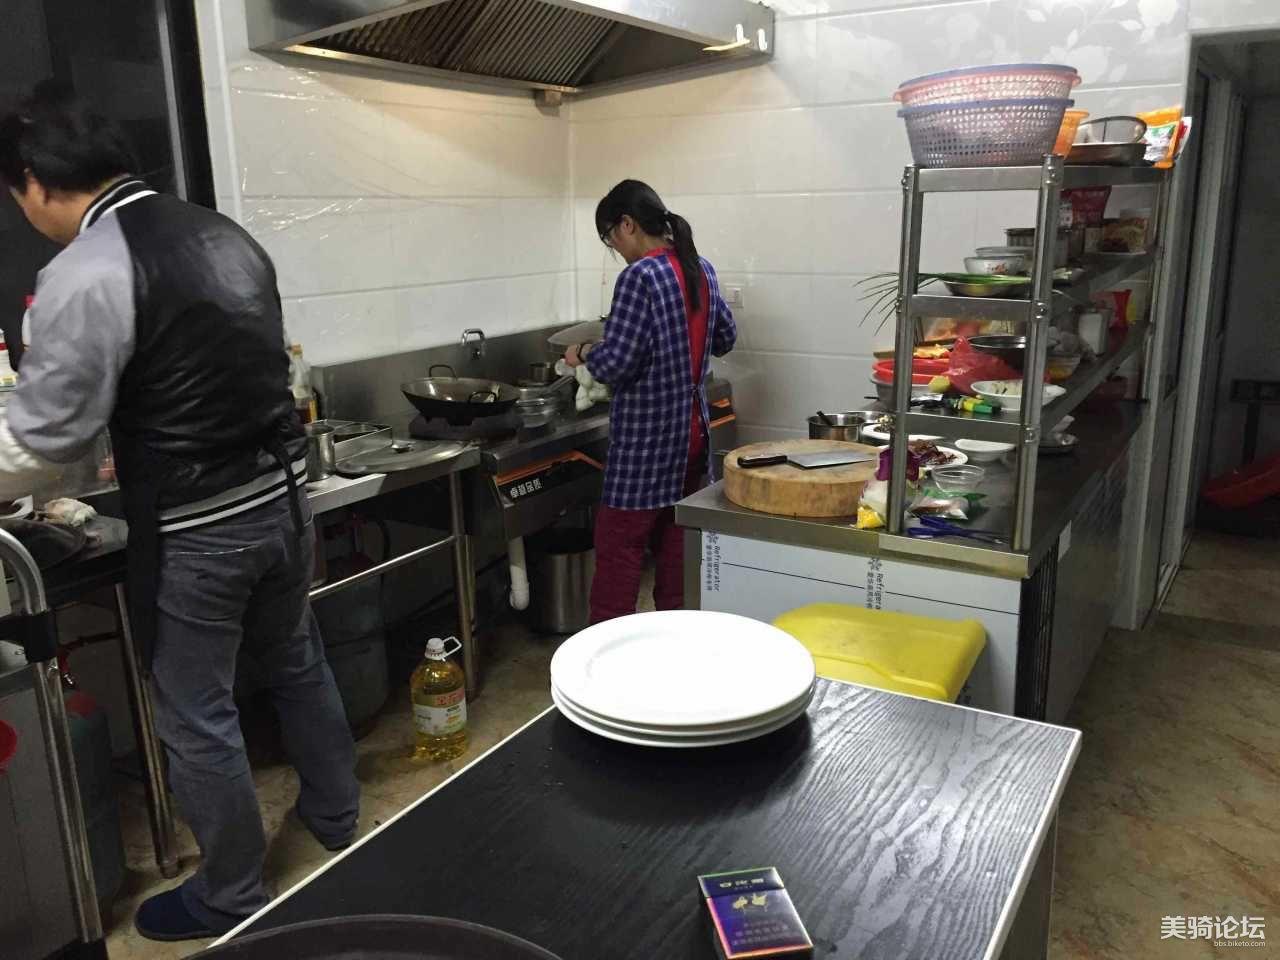 厨房非常整洁干净